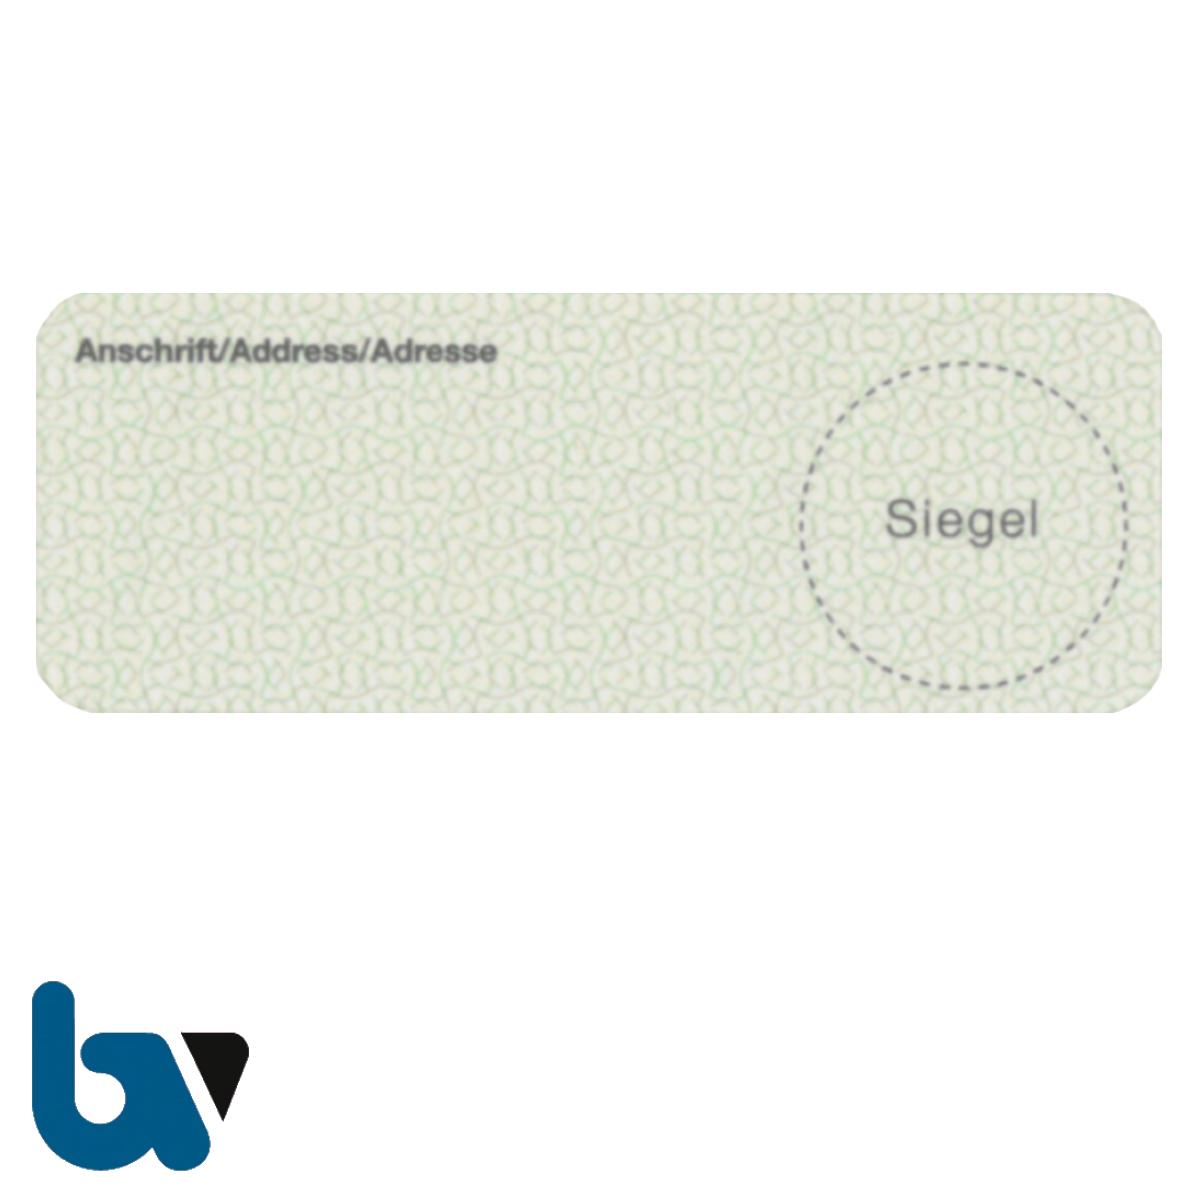 0/519-15.1 Adressaufkleber für Anschriftenänderungen   Borgard Verlag GmbH